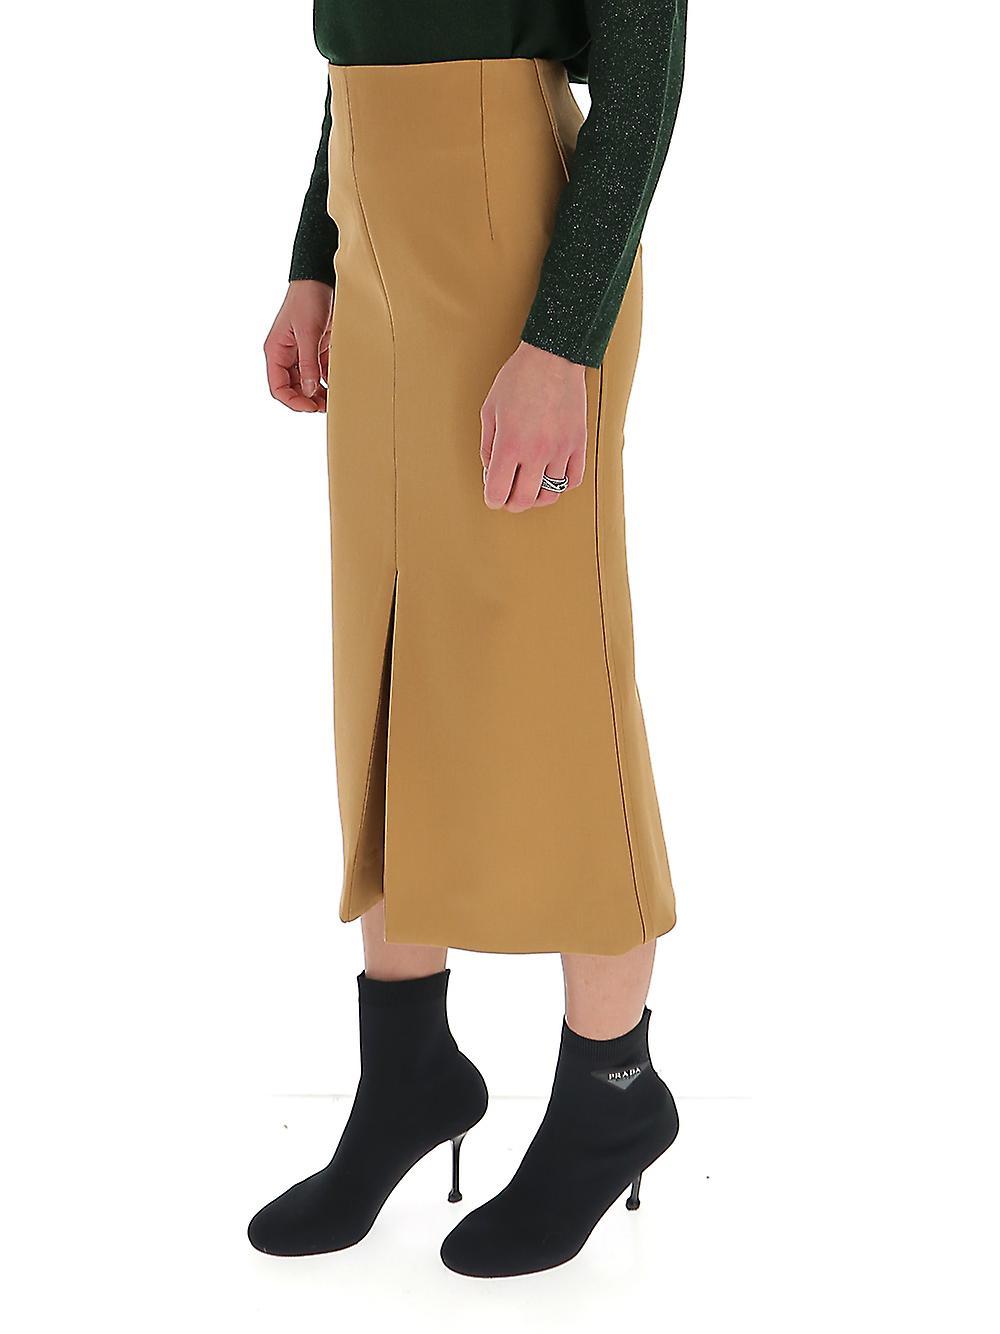 Victoria Beckham 31106itan Women-apos;s Beige Wool Jupe cY2twu